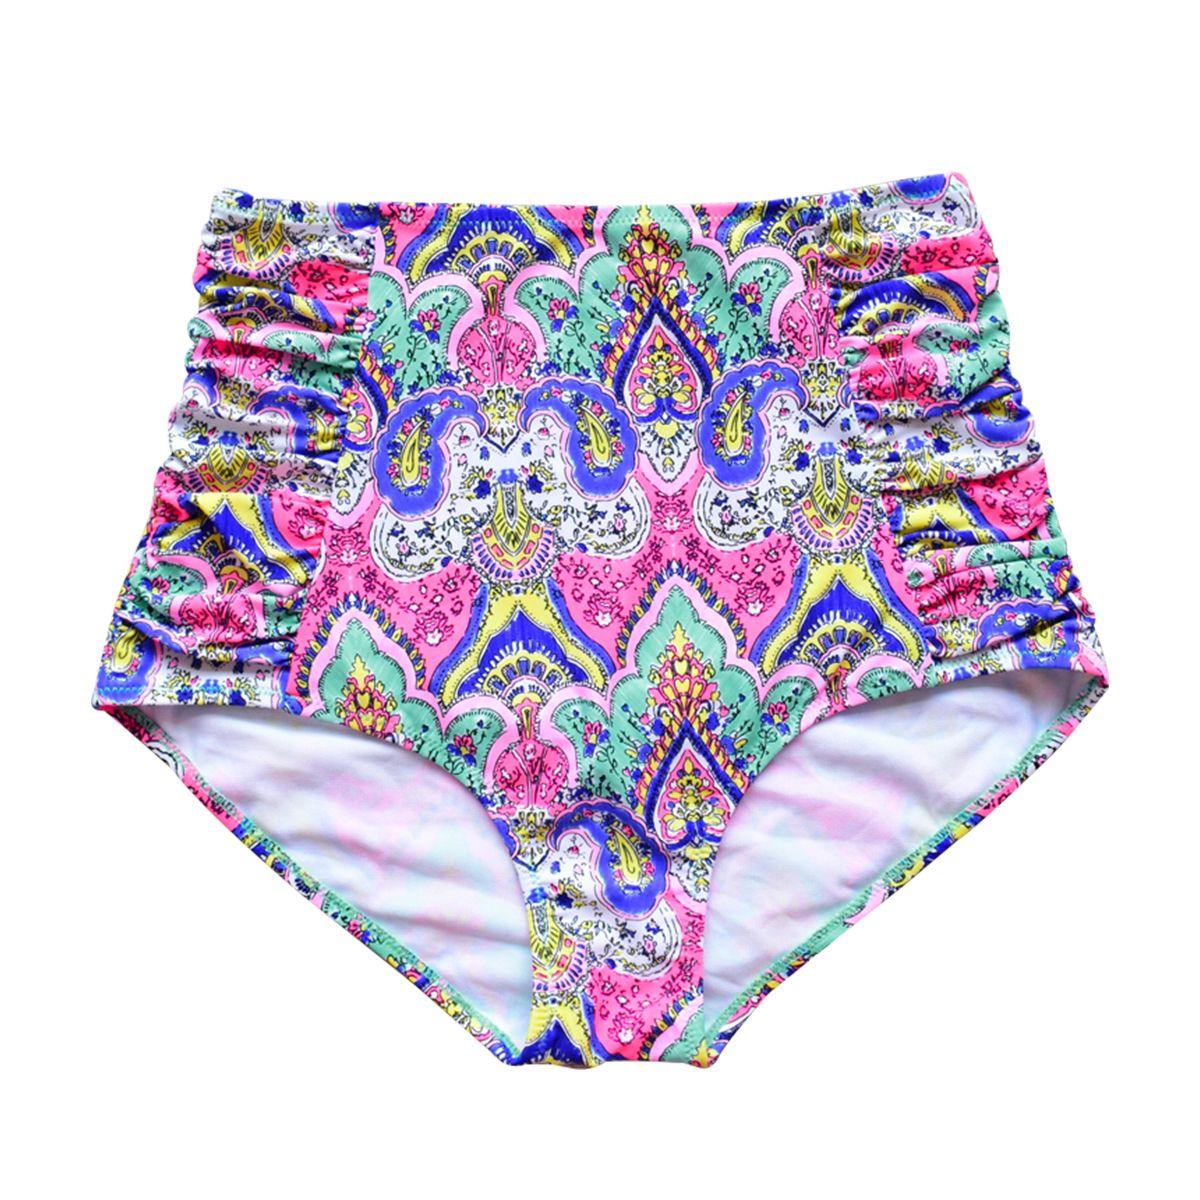 Neue Ankunft Hohe Taille Badehose Bikini Bottoms Frauen Strand Druck Floral Bademode unterwäsche Schwimmen Shorts Briefs